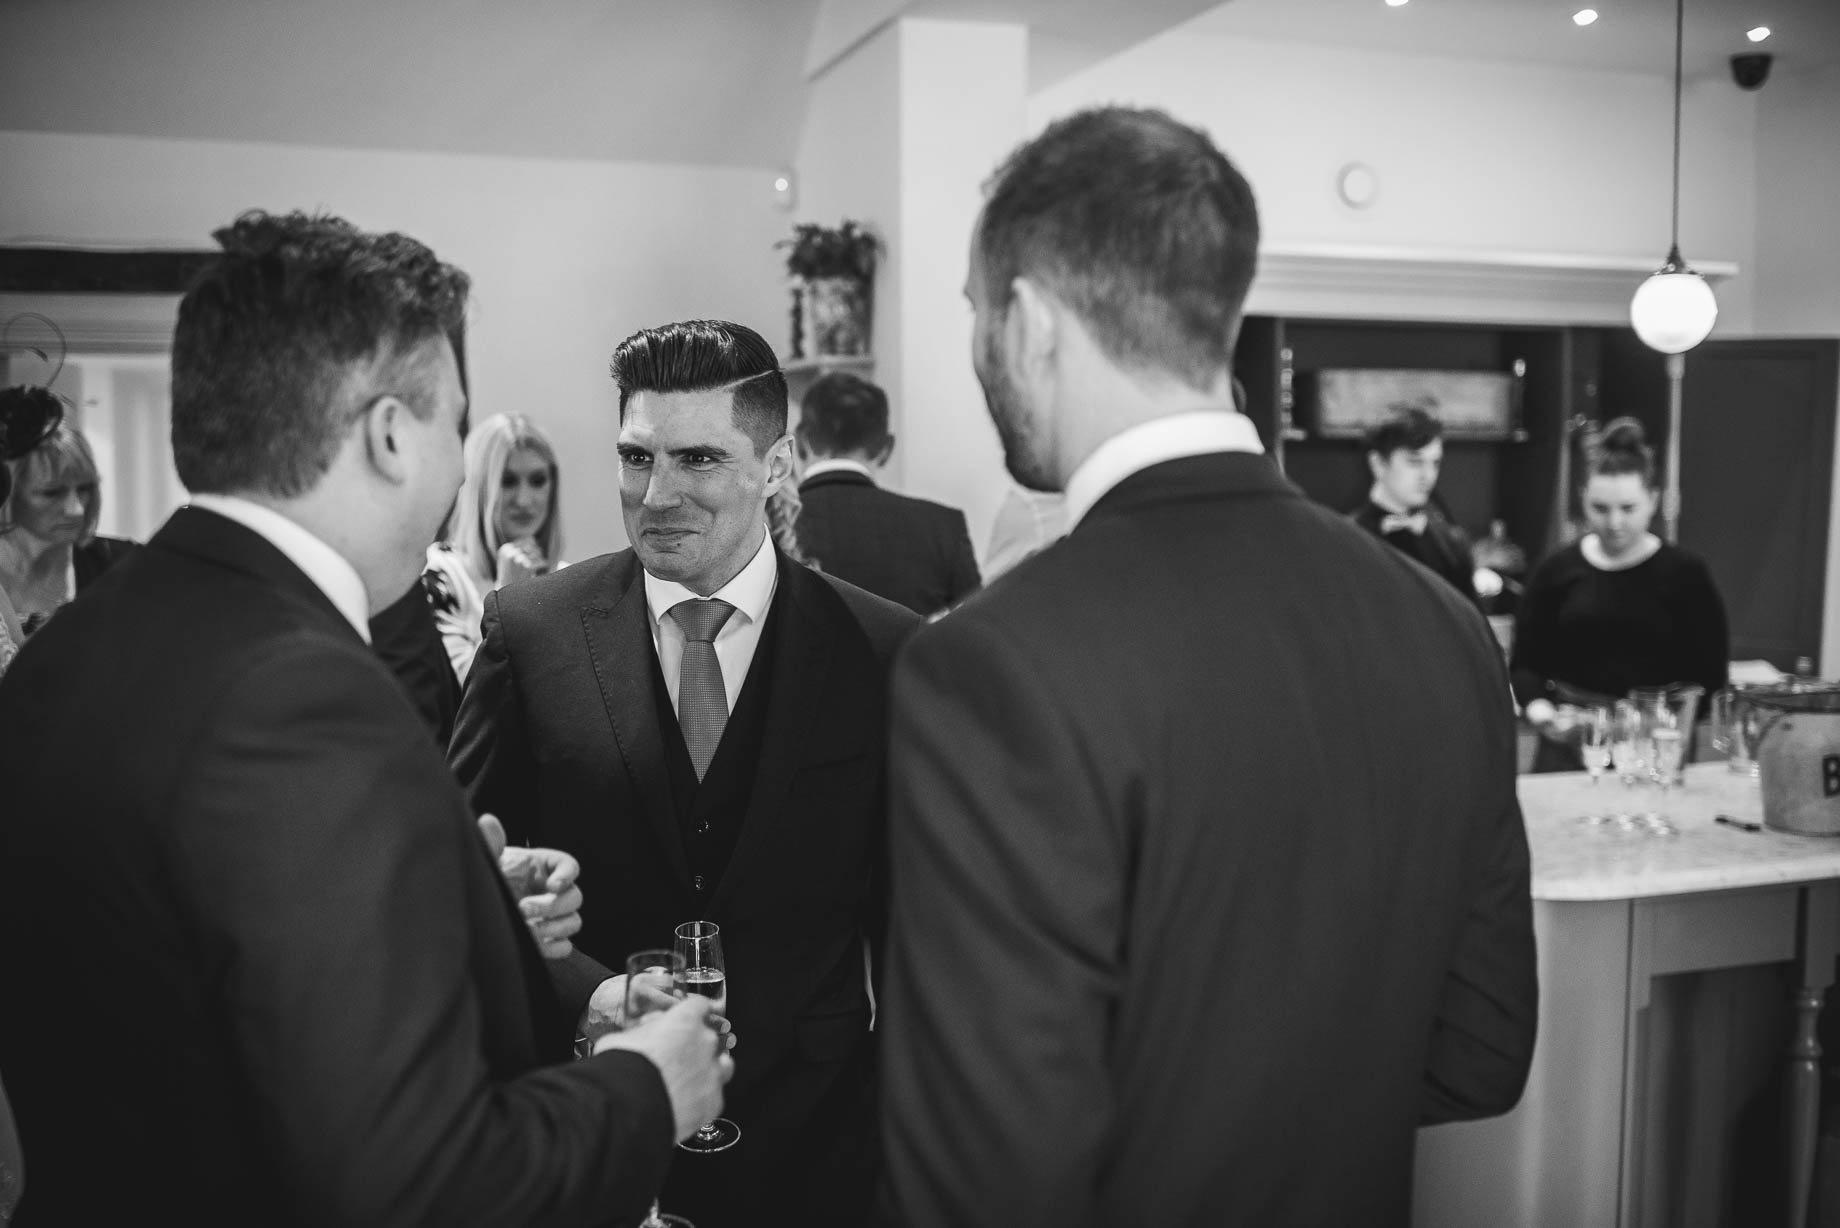 Millbridge Court Wedding Photography - Lisa and Daniel (107 of 173)